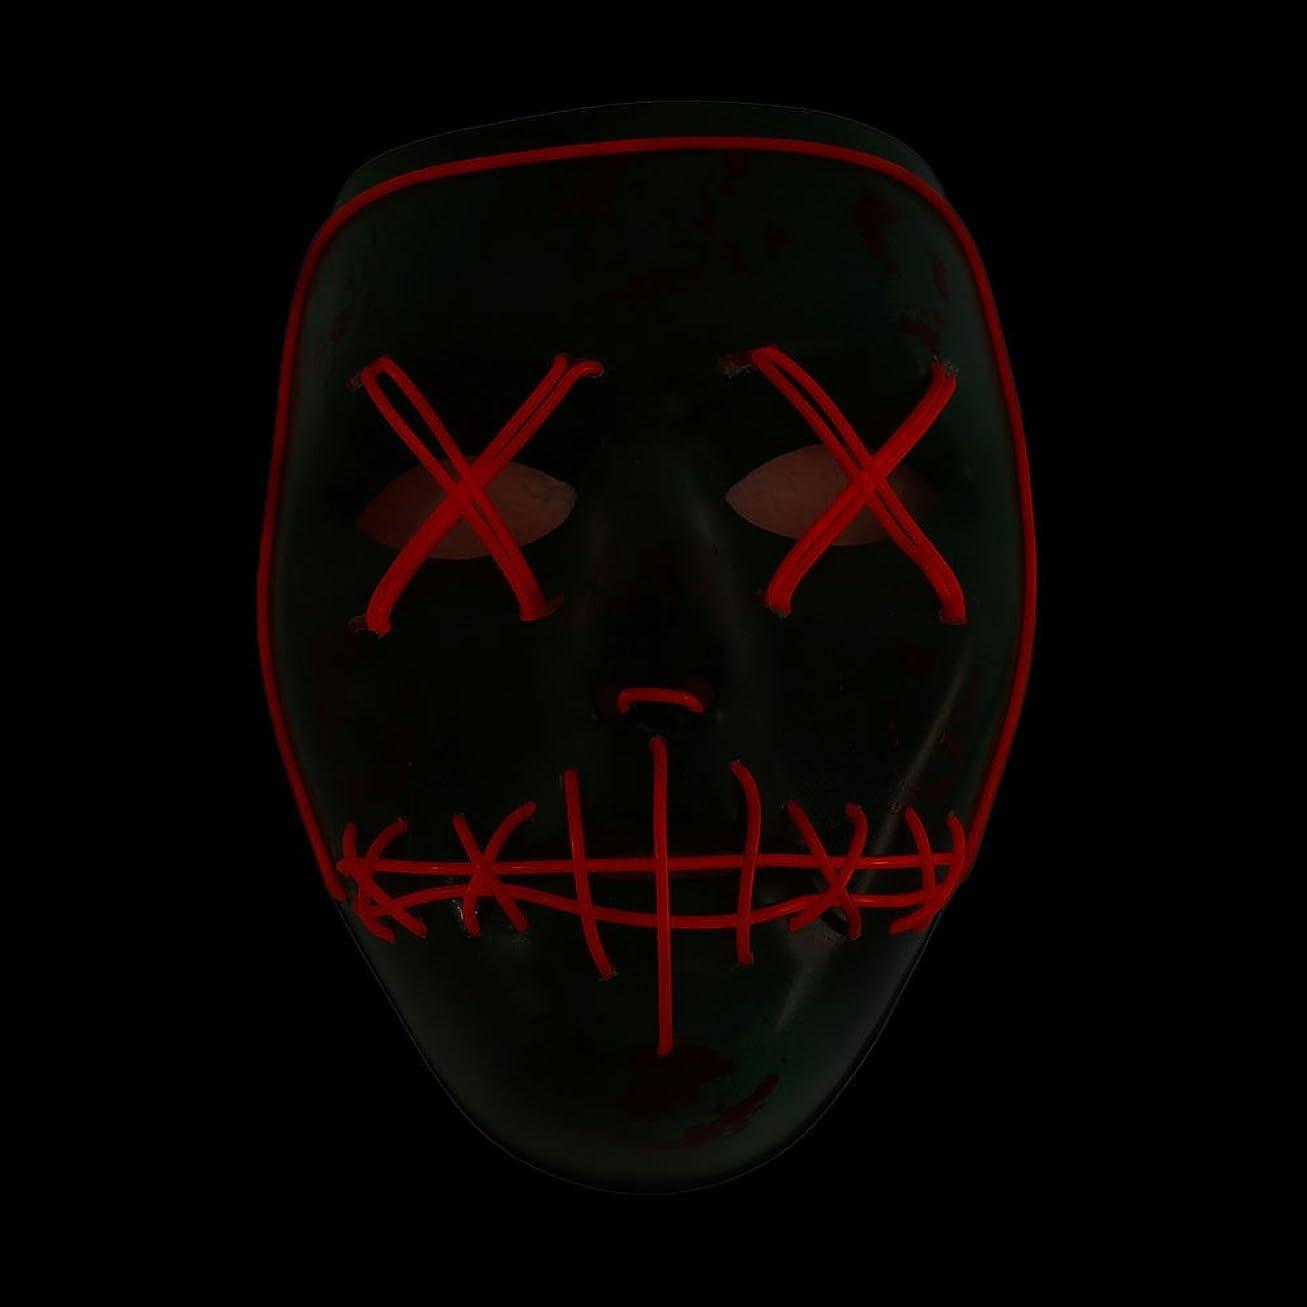 伝記常識高くAuntwhale ハロウィーンマスク大人恐怖コスチューム、光るゴーストフェイスファンシーマスカレードパーティーハロウィンマスク、フェスティバル通気性ギフトヘッドマスク